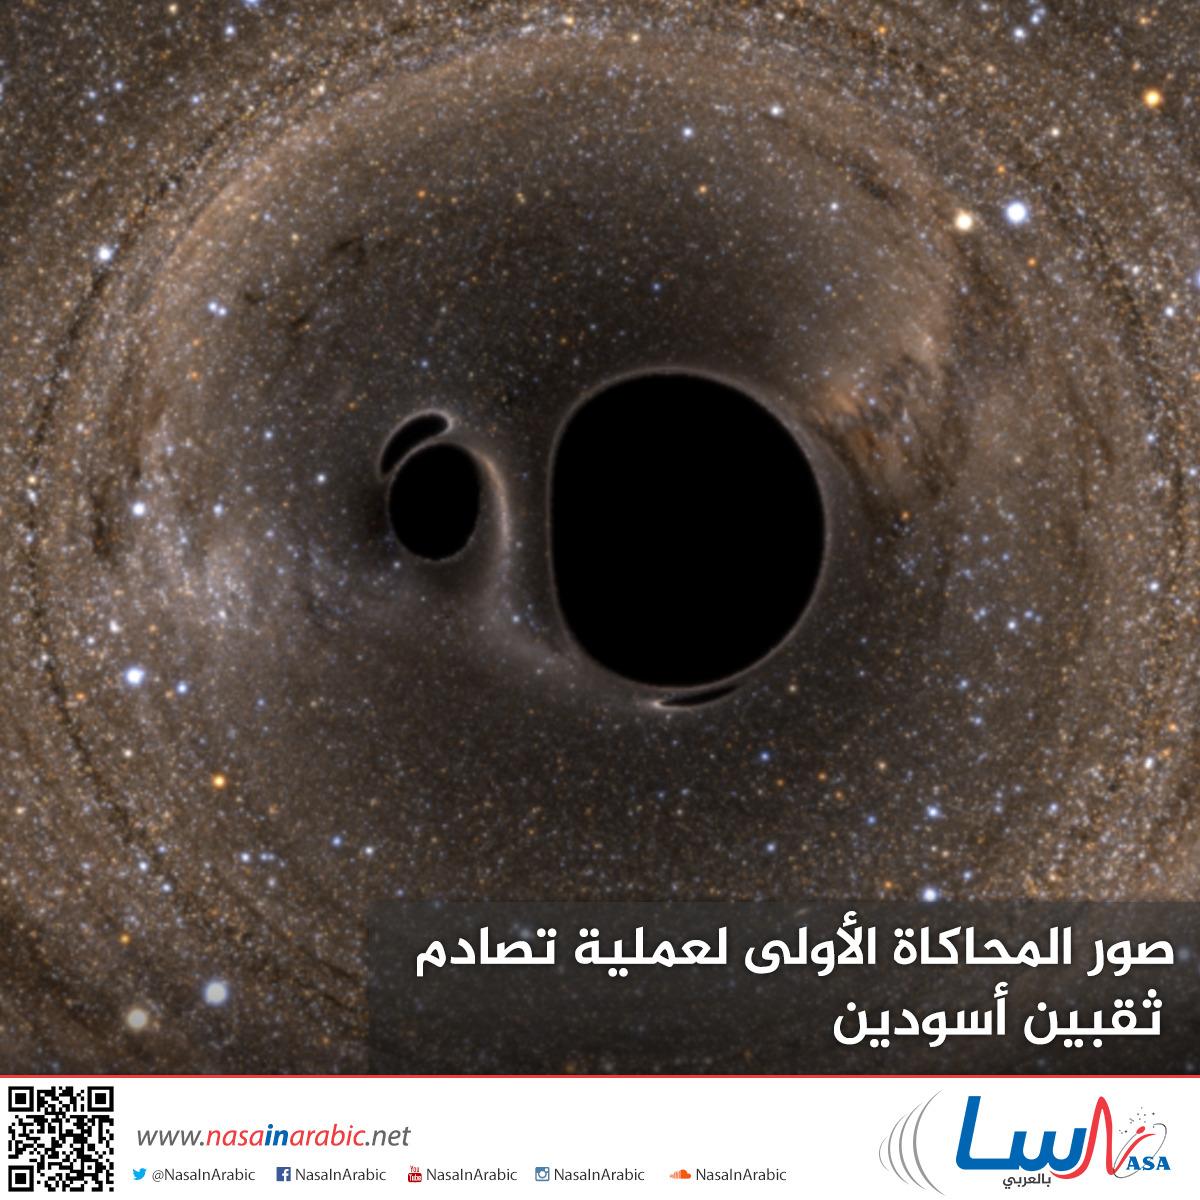 صور المحاكاة الأولى لعملية تصادم ثقبين أسودين